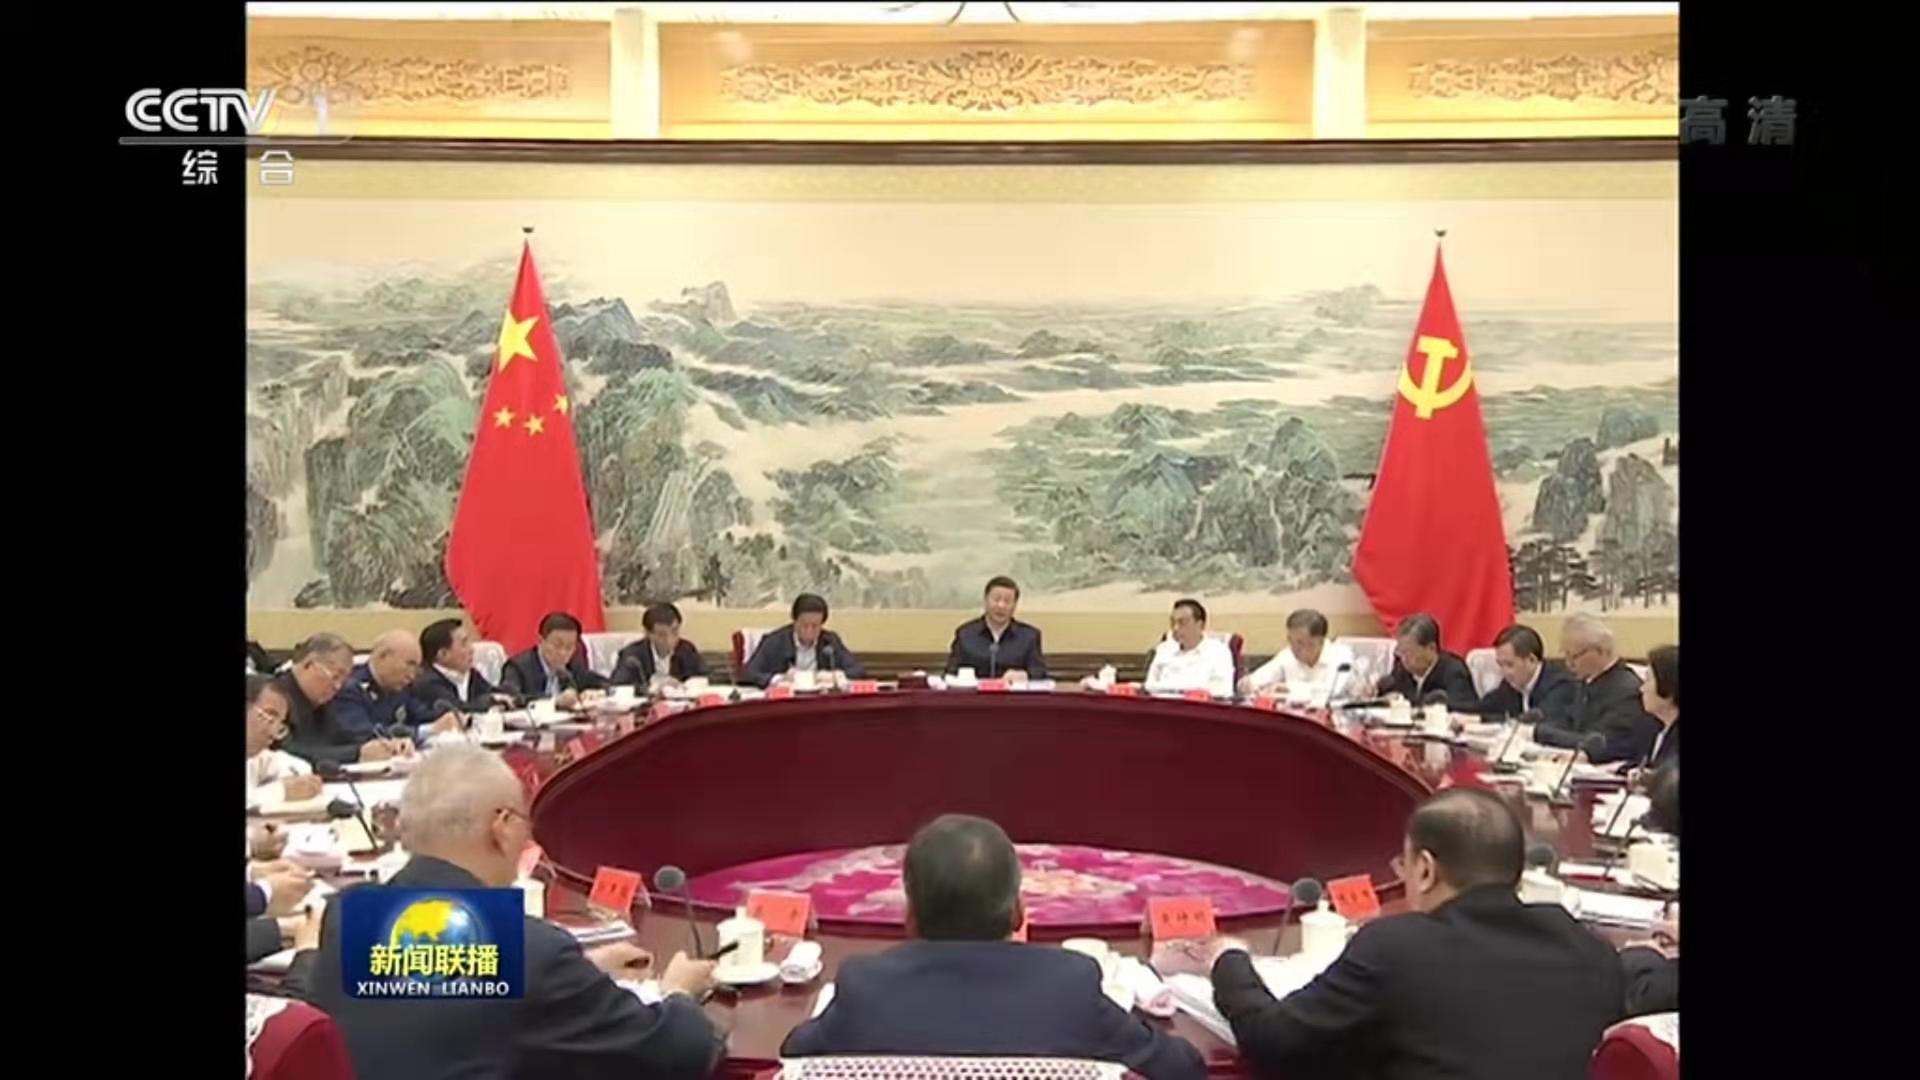 如何理解总书记对于区块链技术发展现状和趋势集体学习的讲话 中国财经观察网www.xsgou.com